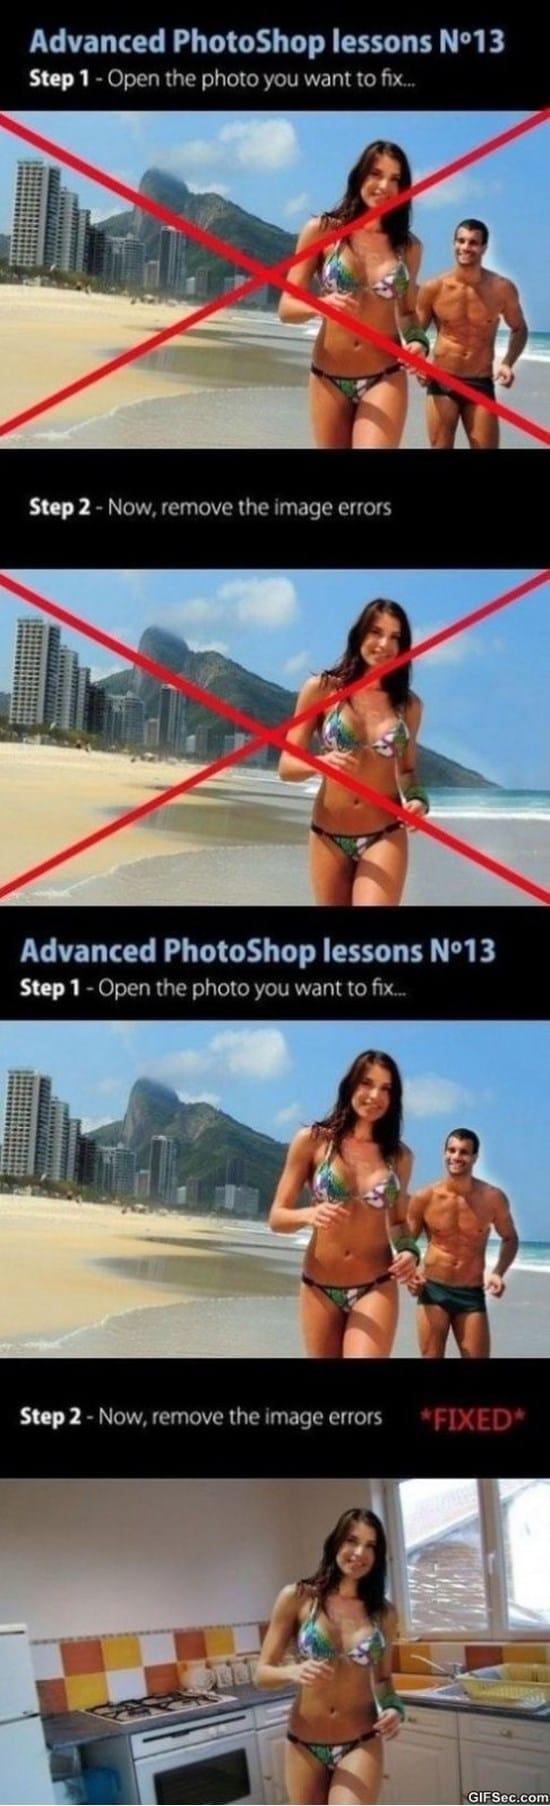 advanced-photoshop-lesson-meme